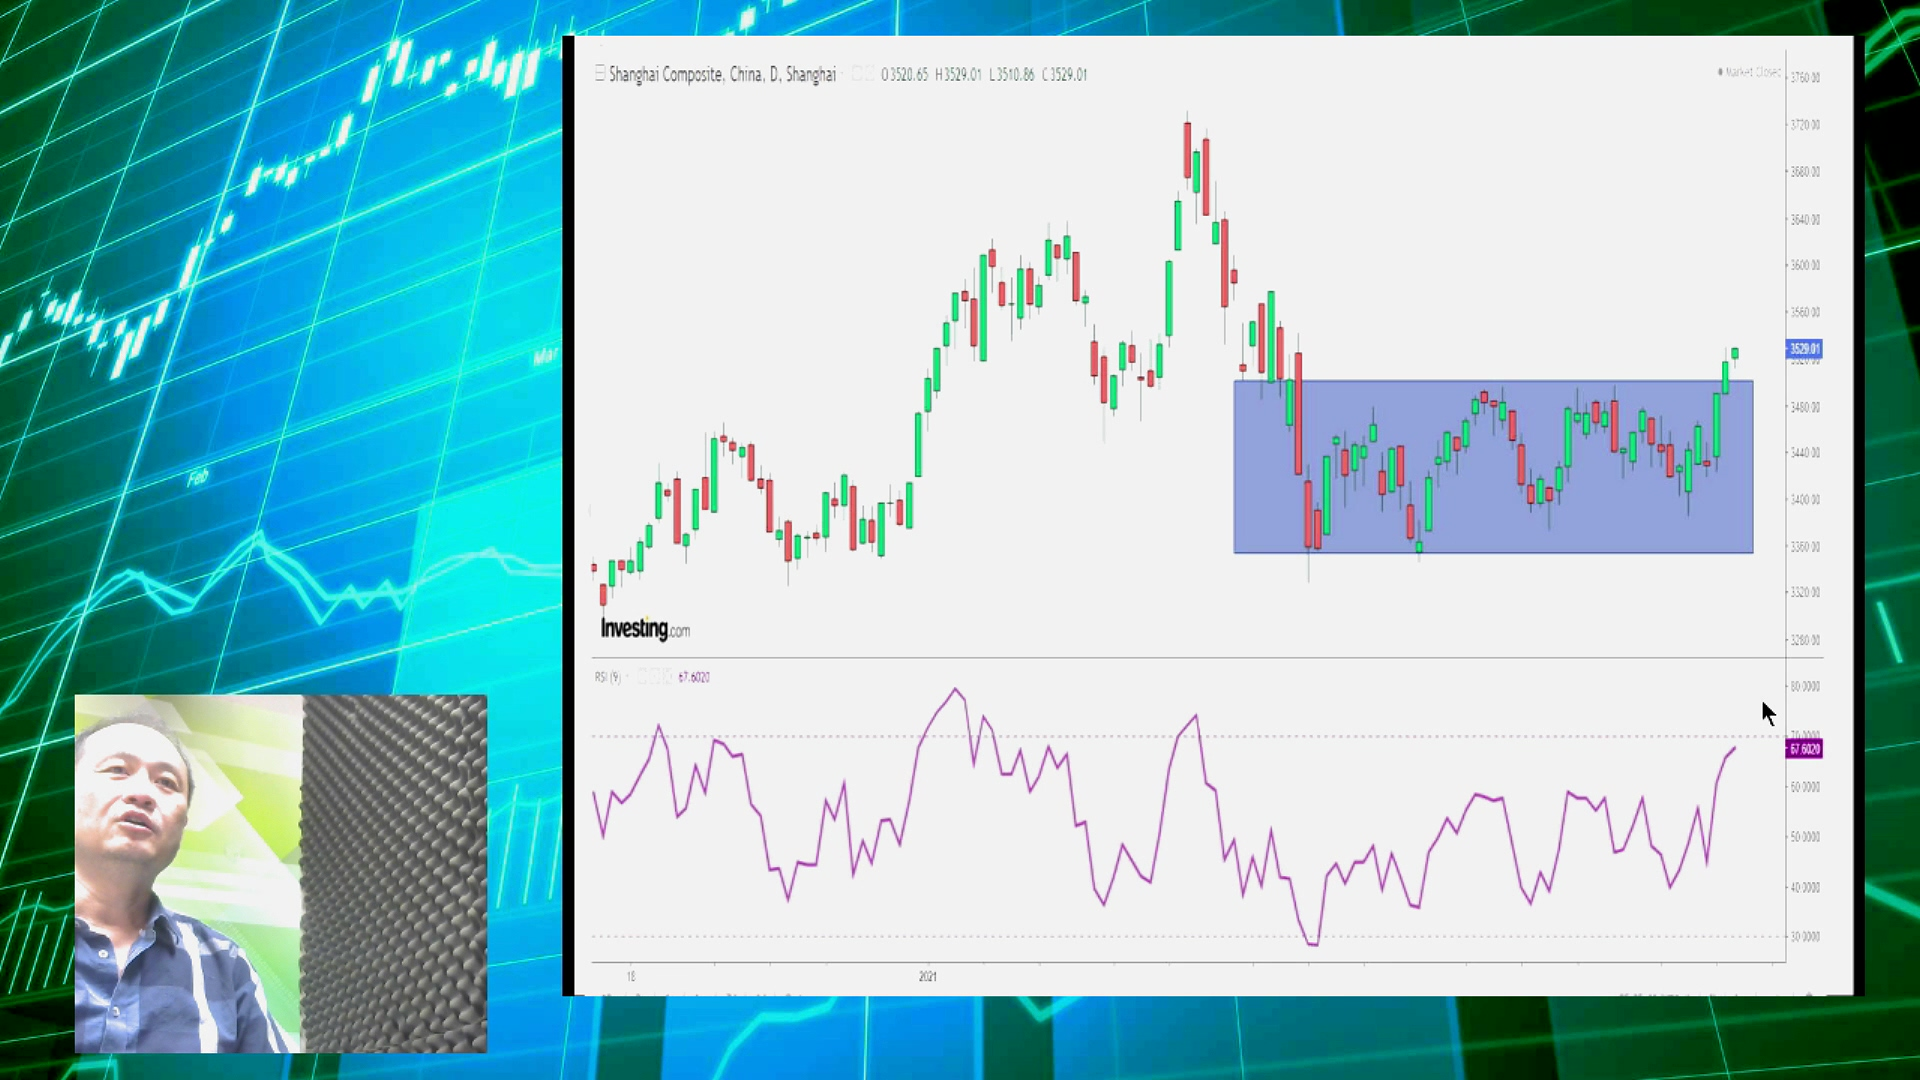 【有片:淘寶圖】李克強指標強勢 可買安碩A50